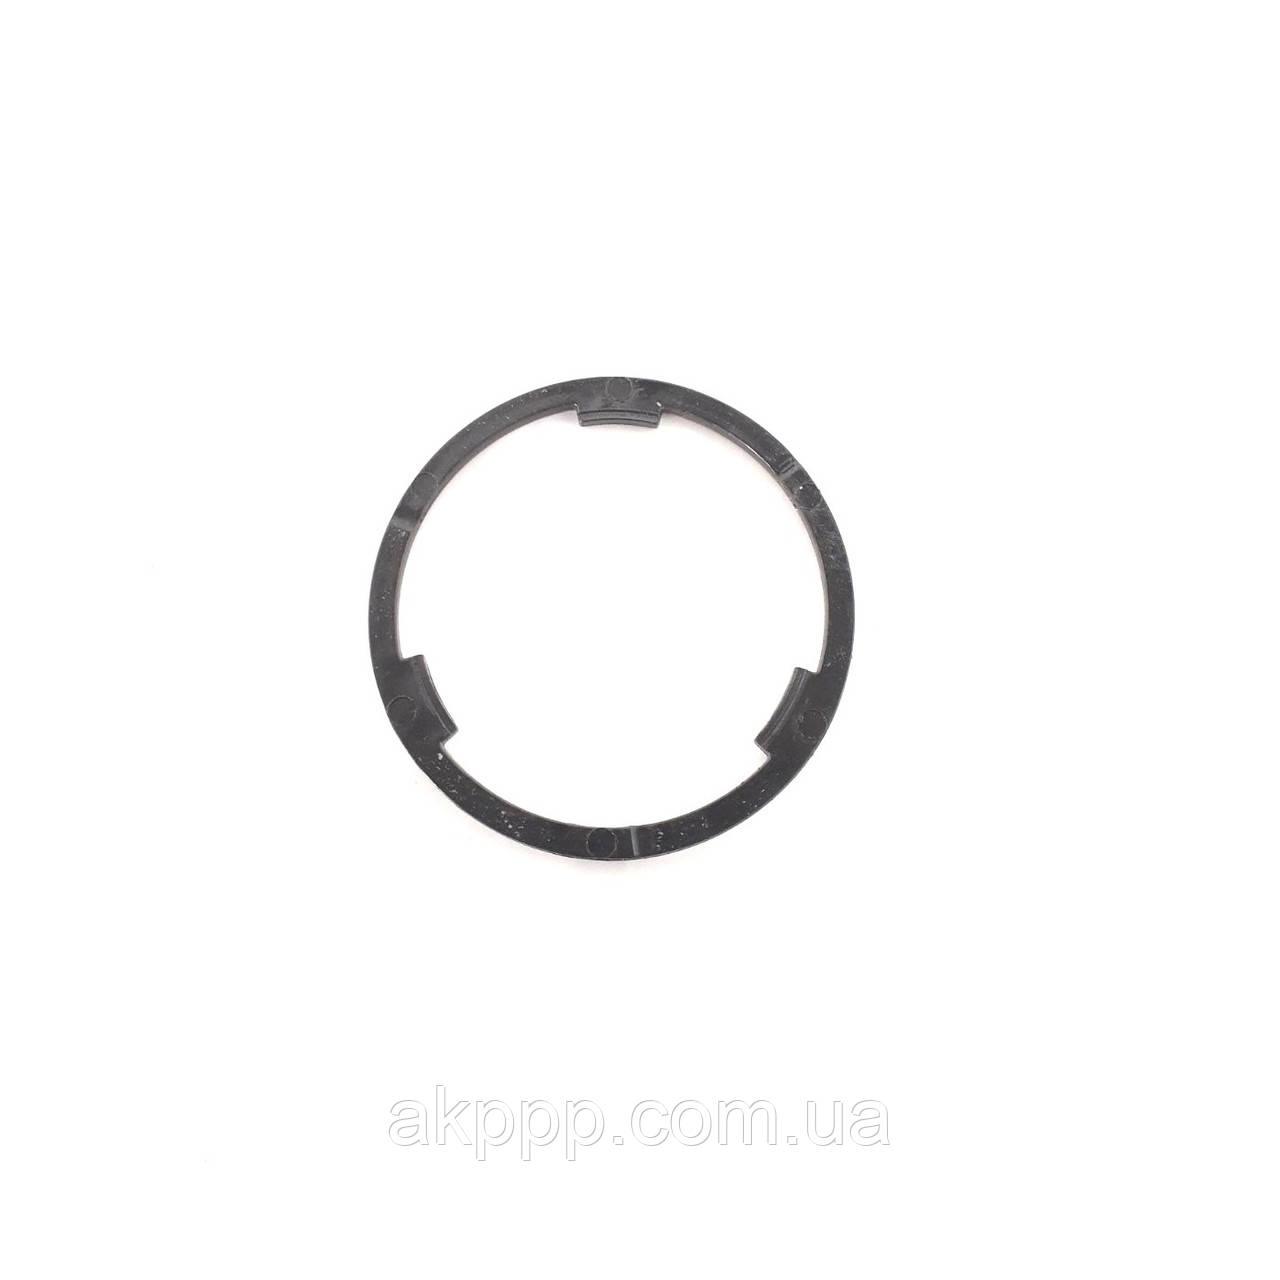 Упорная шайба масляного насоса акпп 5L40E б/у